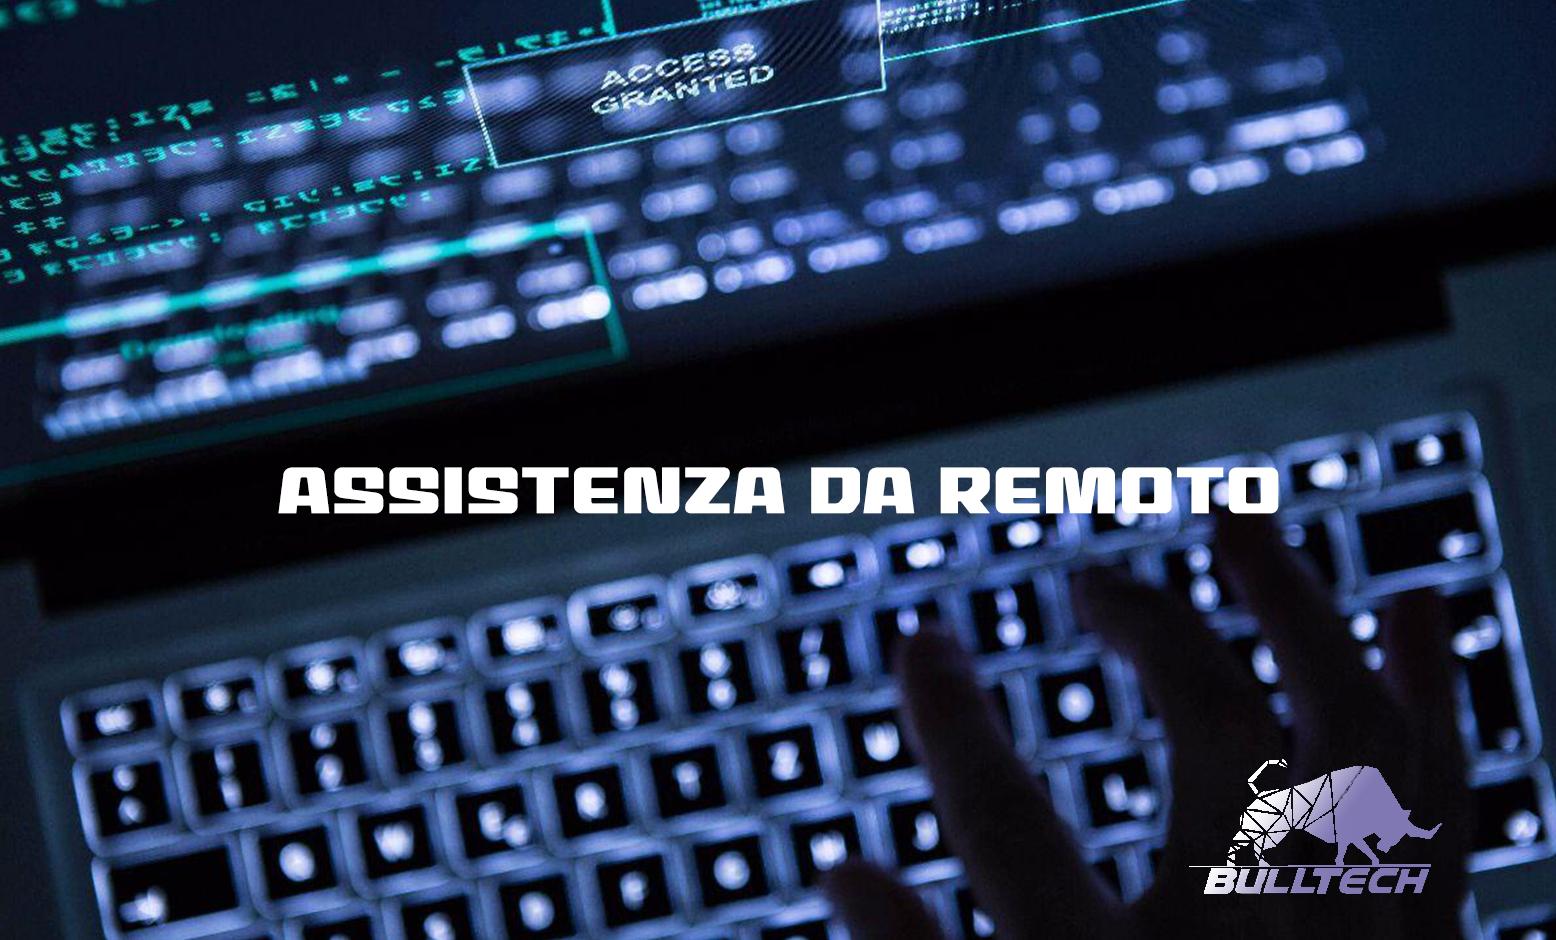 Assistenza Remoto